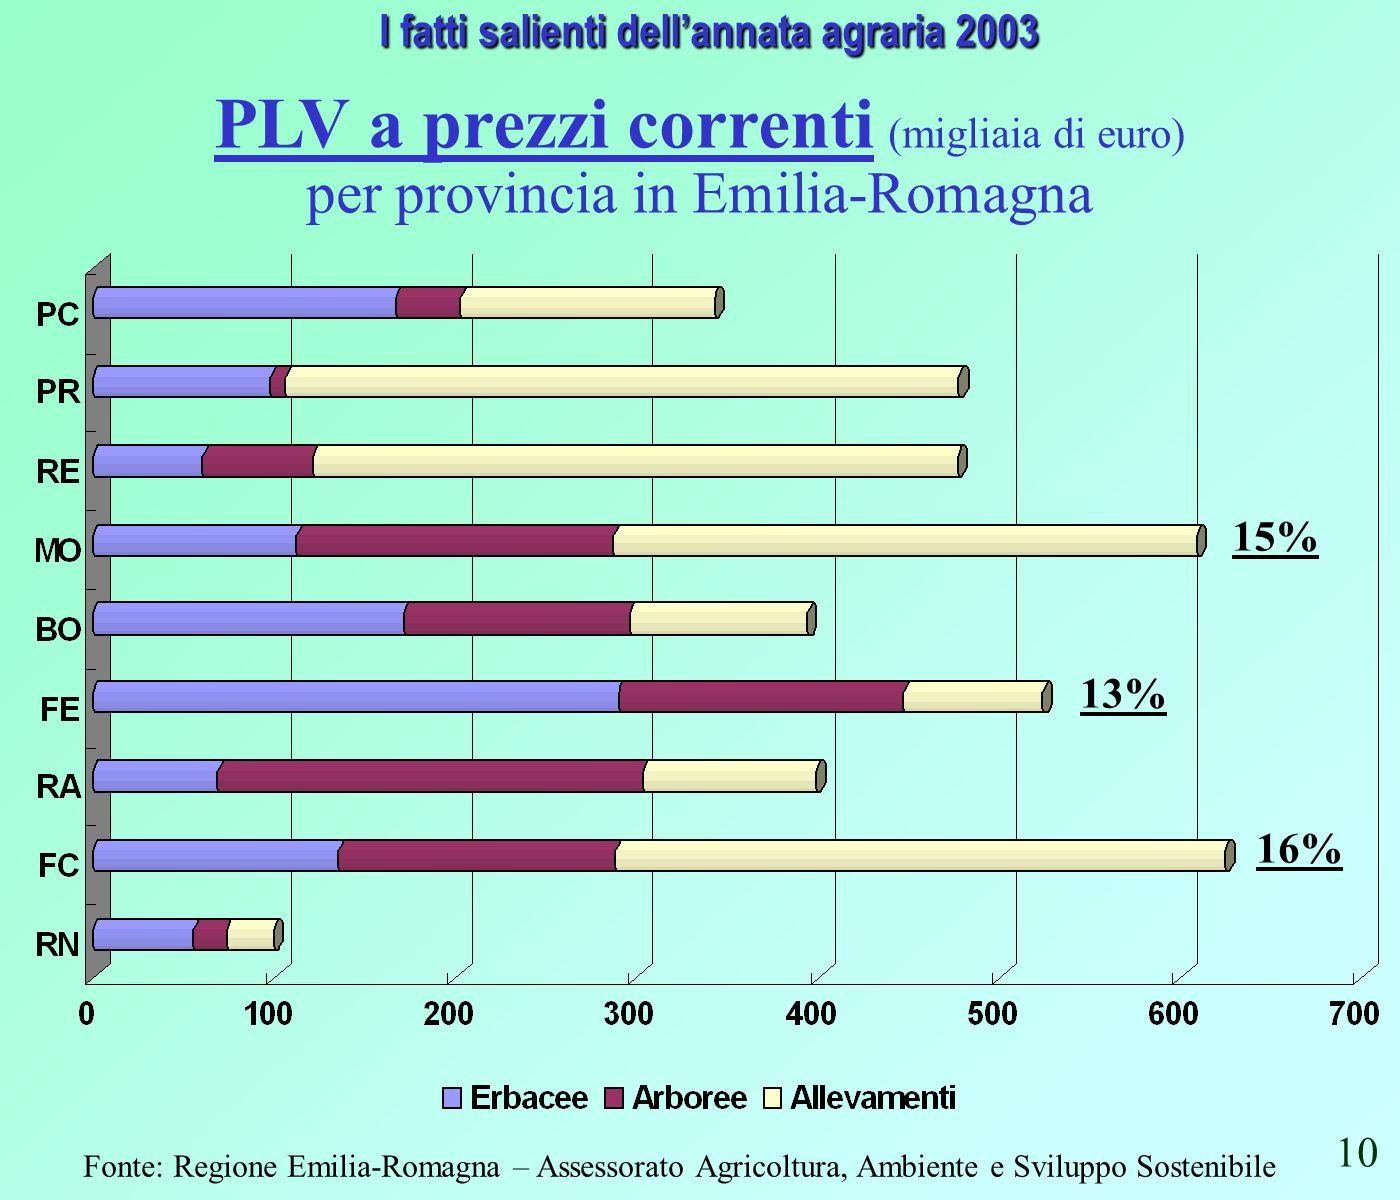 Fonte: Regione Emilia-Romagna – Assessorato Agricoltura, Ambiente e Sviluppo Sostenibile I fatti salienti dellannata agraria 2003 I fatti salienti dellannata agraria 2003 PLV a prezzi correnti (migliaia di euro) per provincia in Emilia-Romagna 15% 16% 13% 10